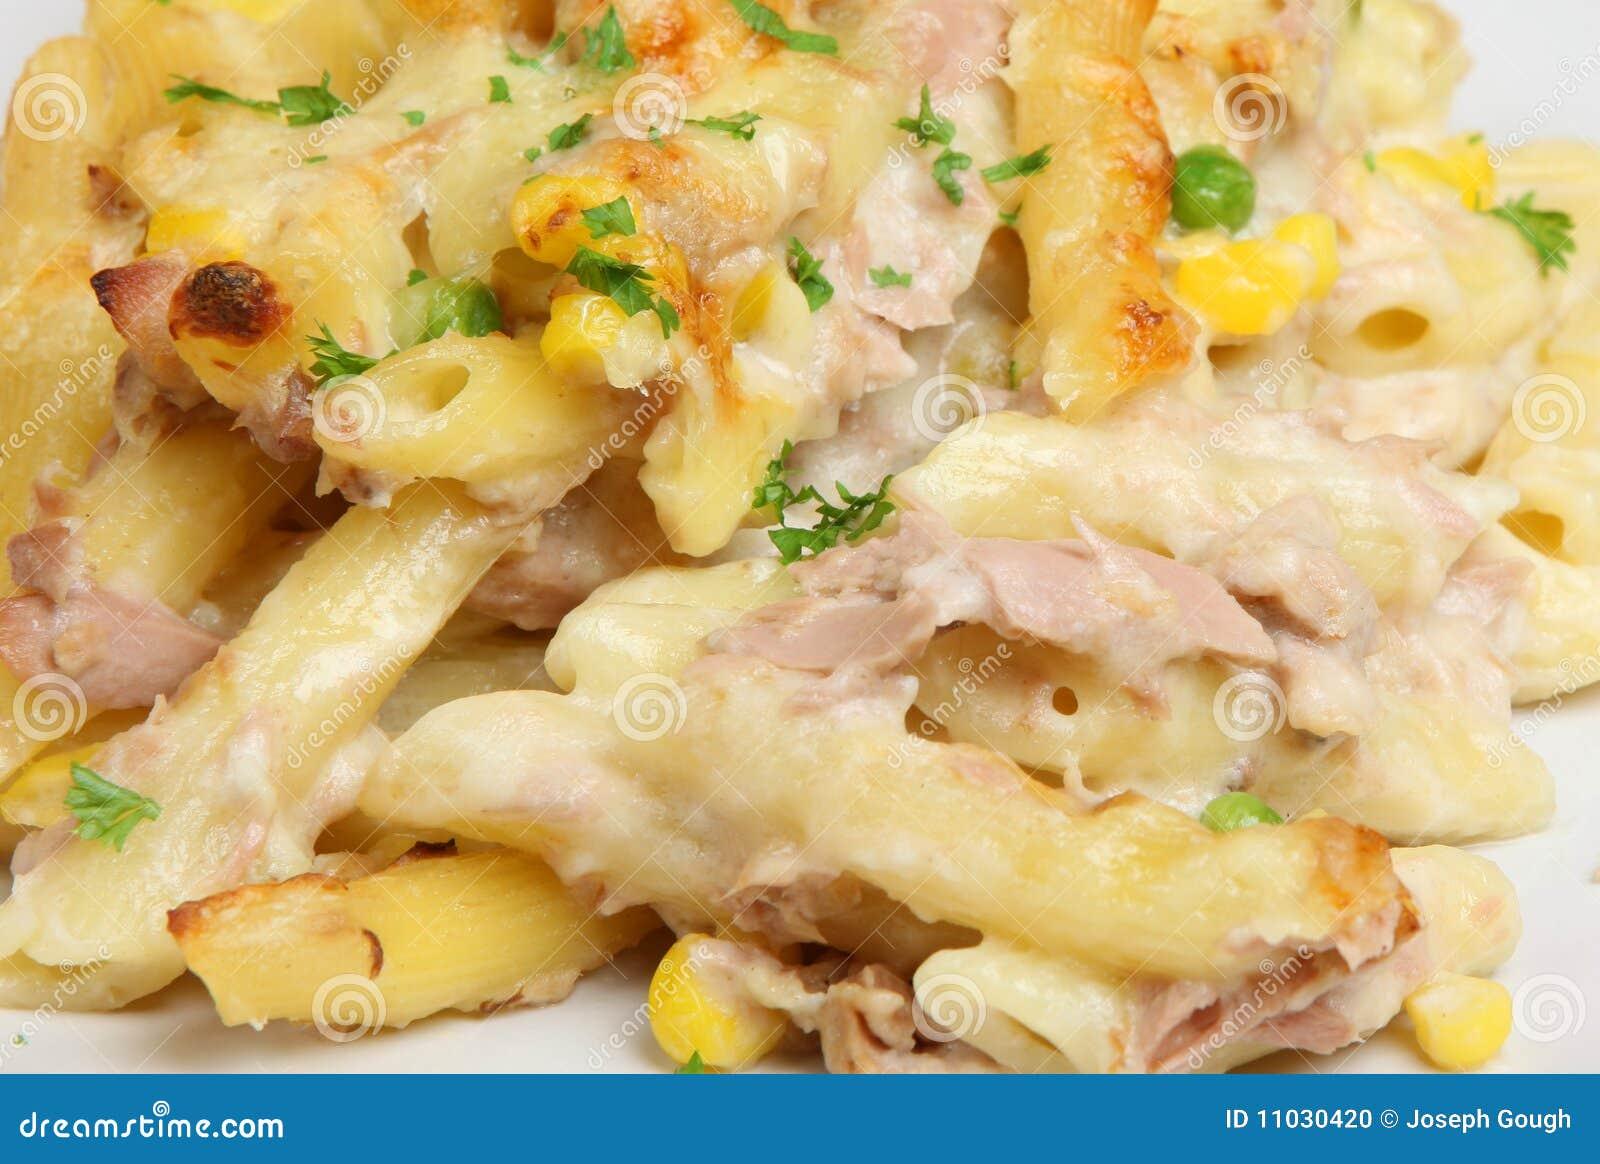 Rigatoni Clip Art Rigatoni pasta baked with tuna